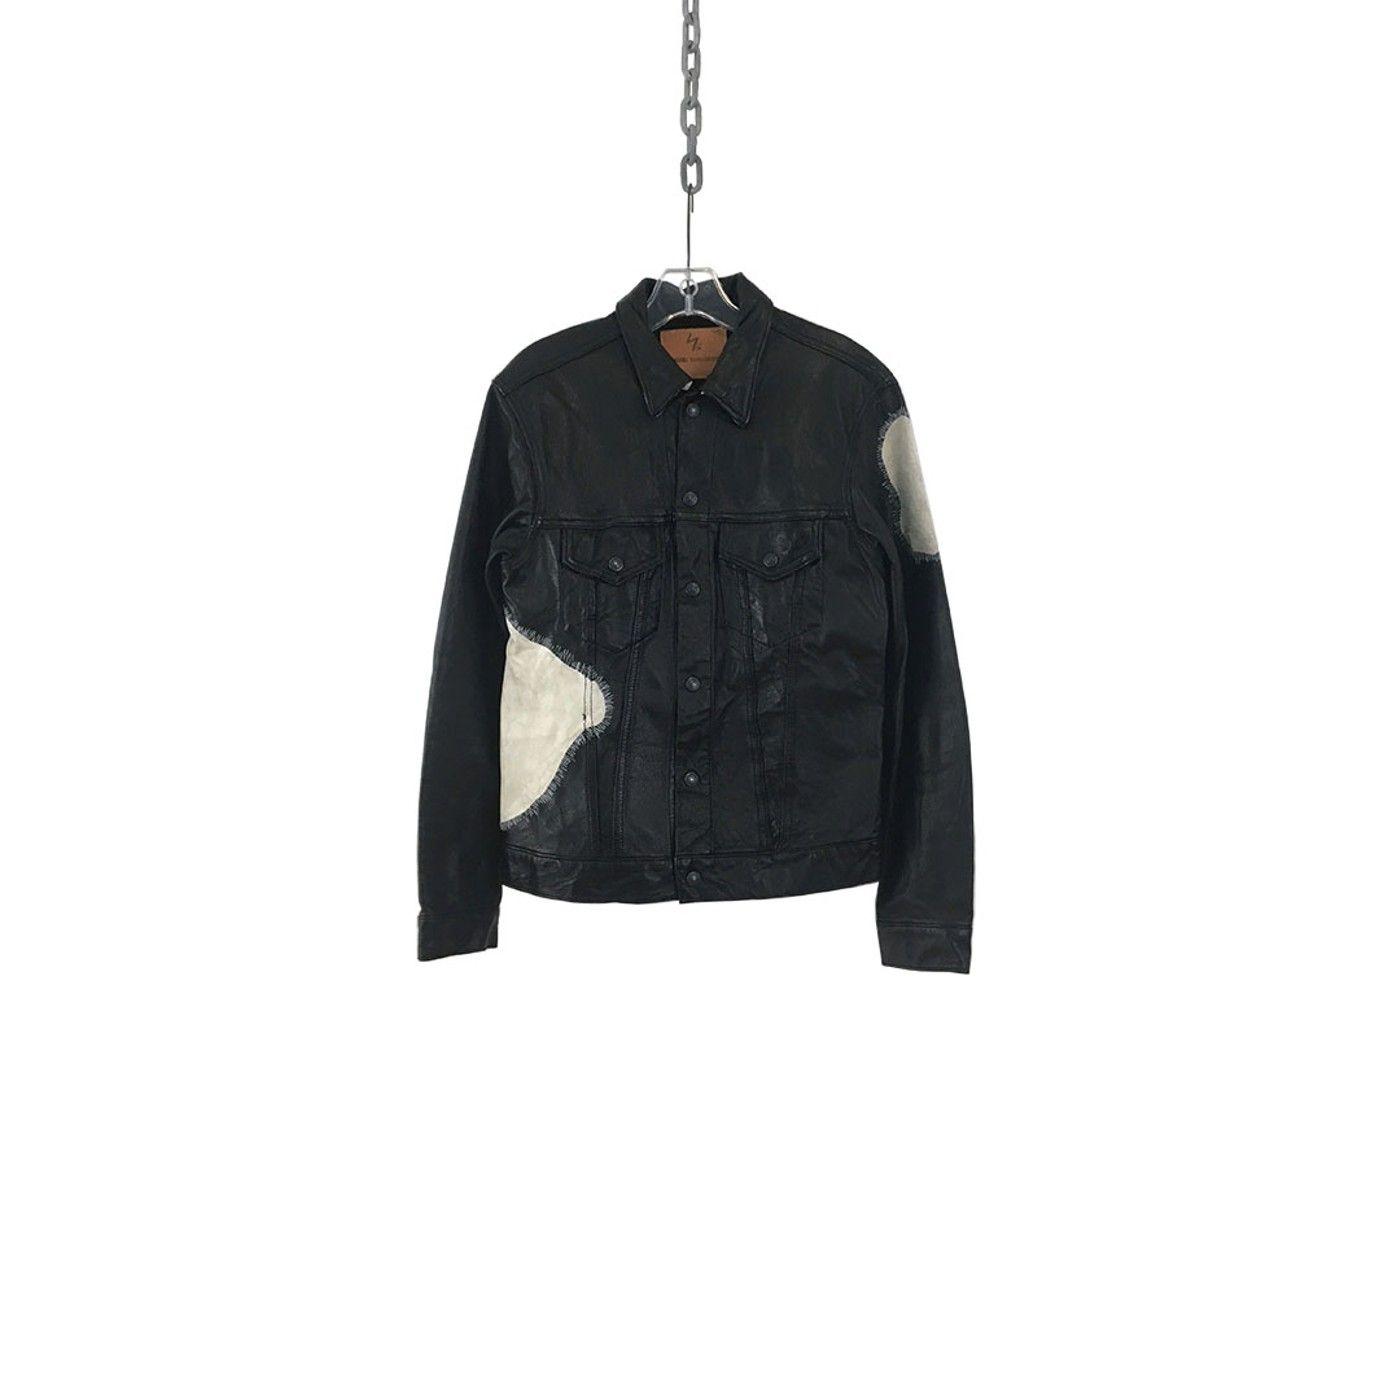 Yohji Yamamoto Cow Patch Leather Jacket Grailed Leather Jacket Jackets Yohji Yamamoto [ 1400 x 1400 Pixel ]